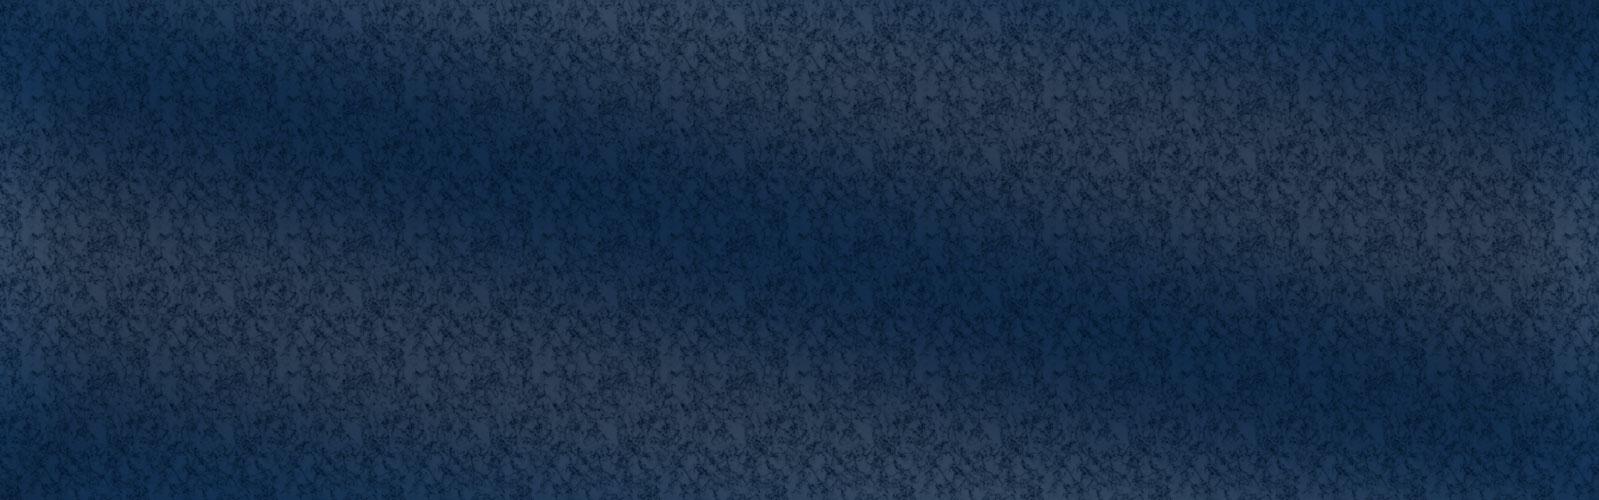 slider-emali-fon01